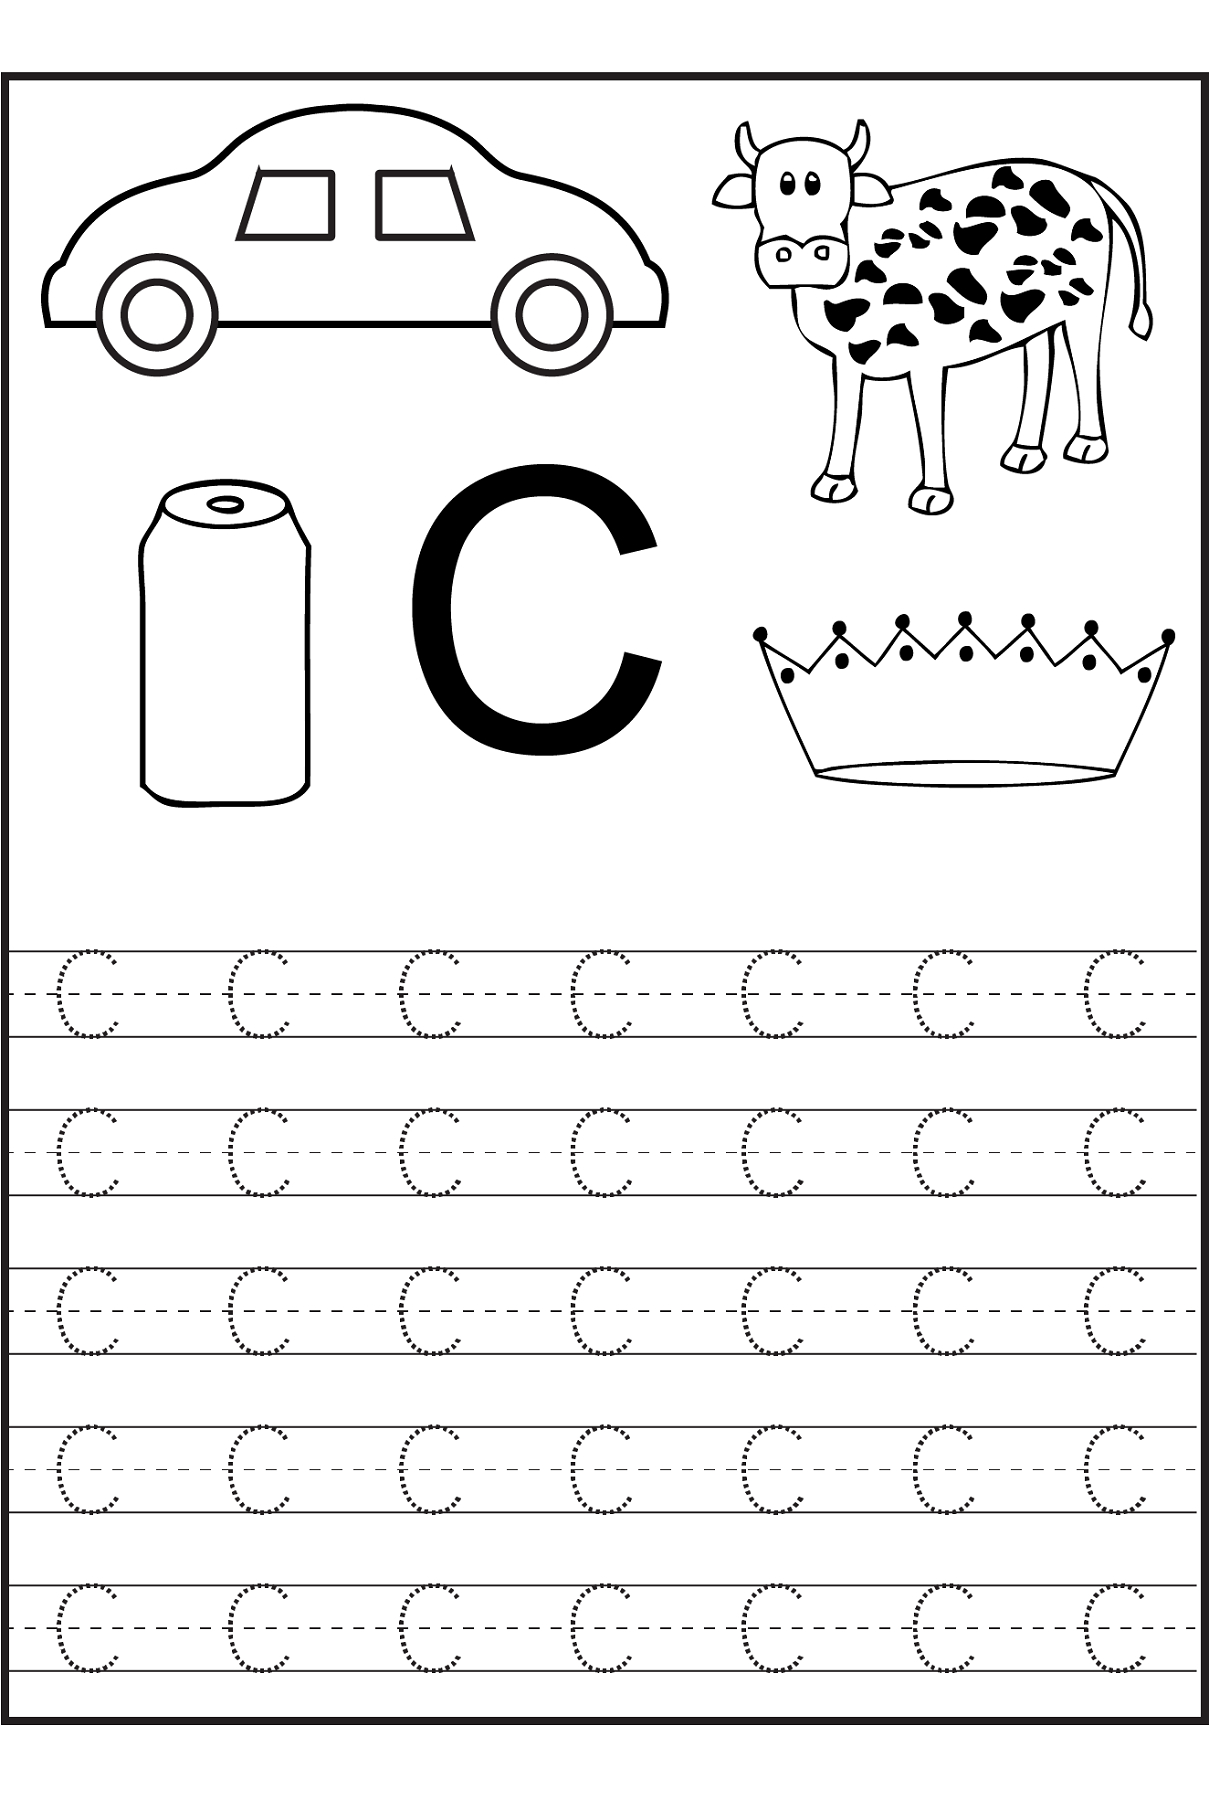 Free Printable Preschool Worksheets Letter C